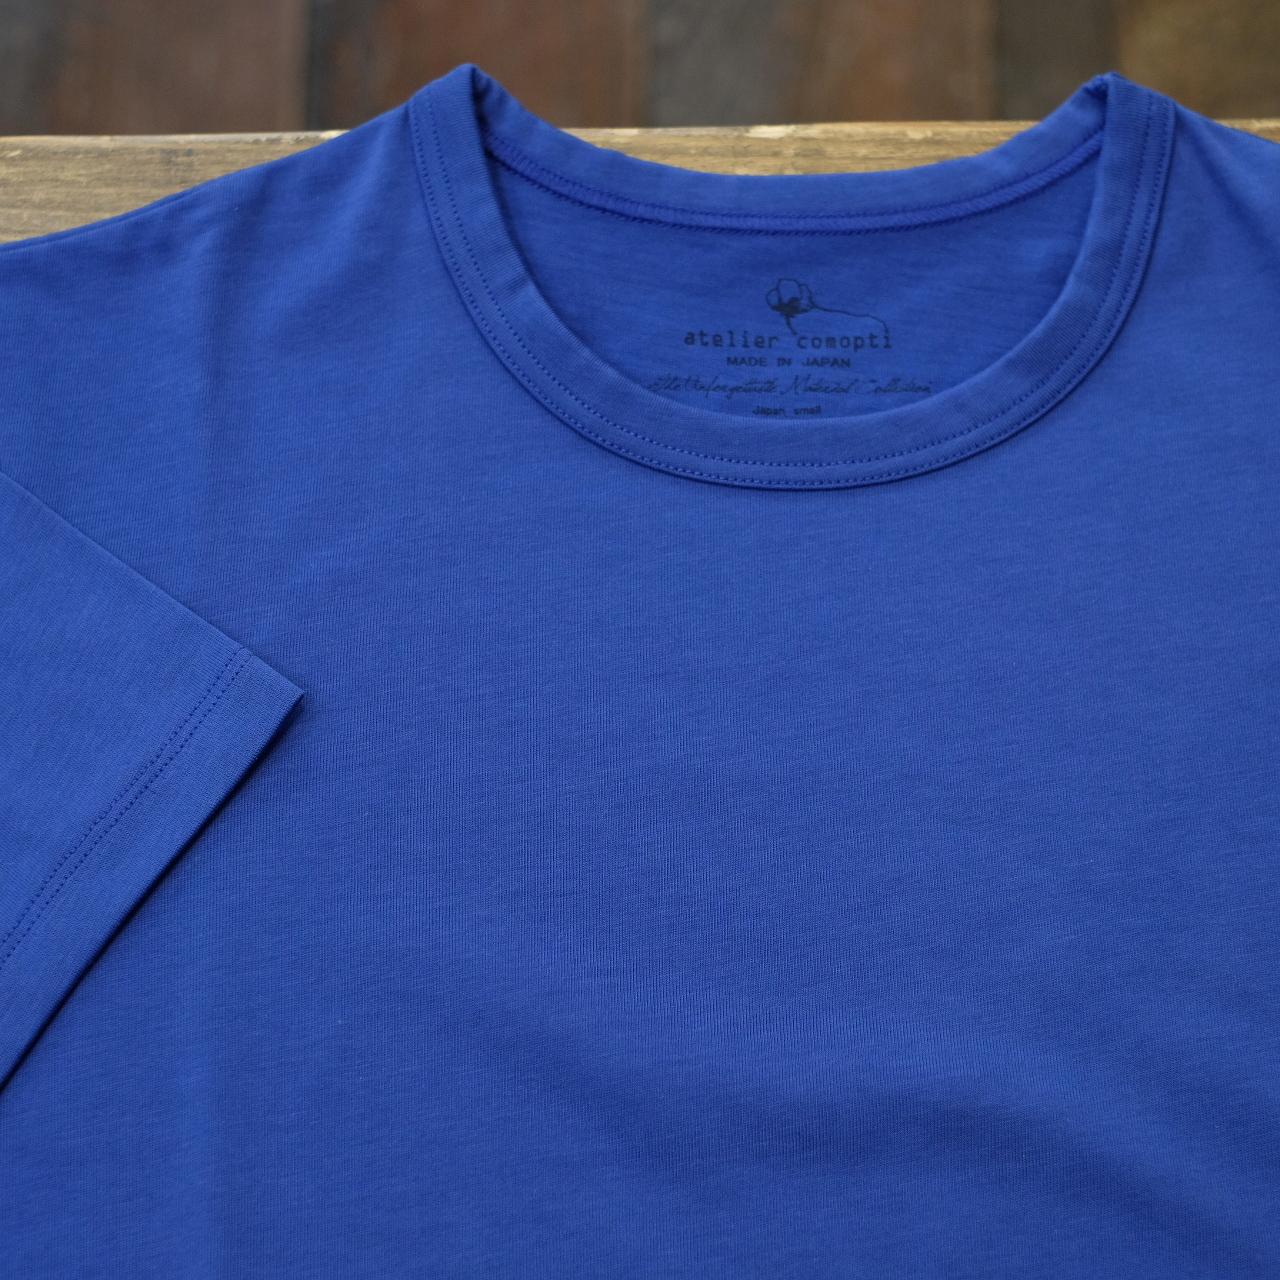 atelier comopti 究極のTシャツ ロイヤルブルー ステラ・コンフリクト天竺